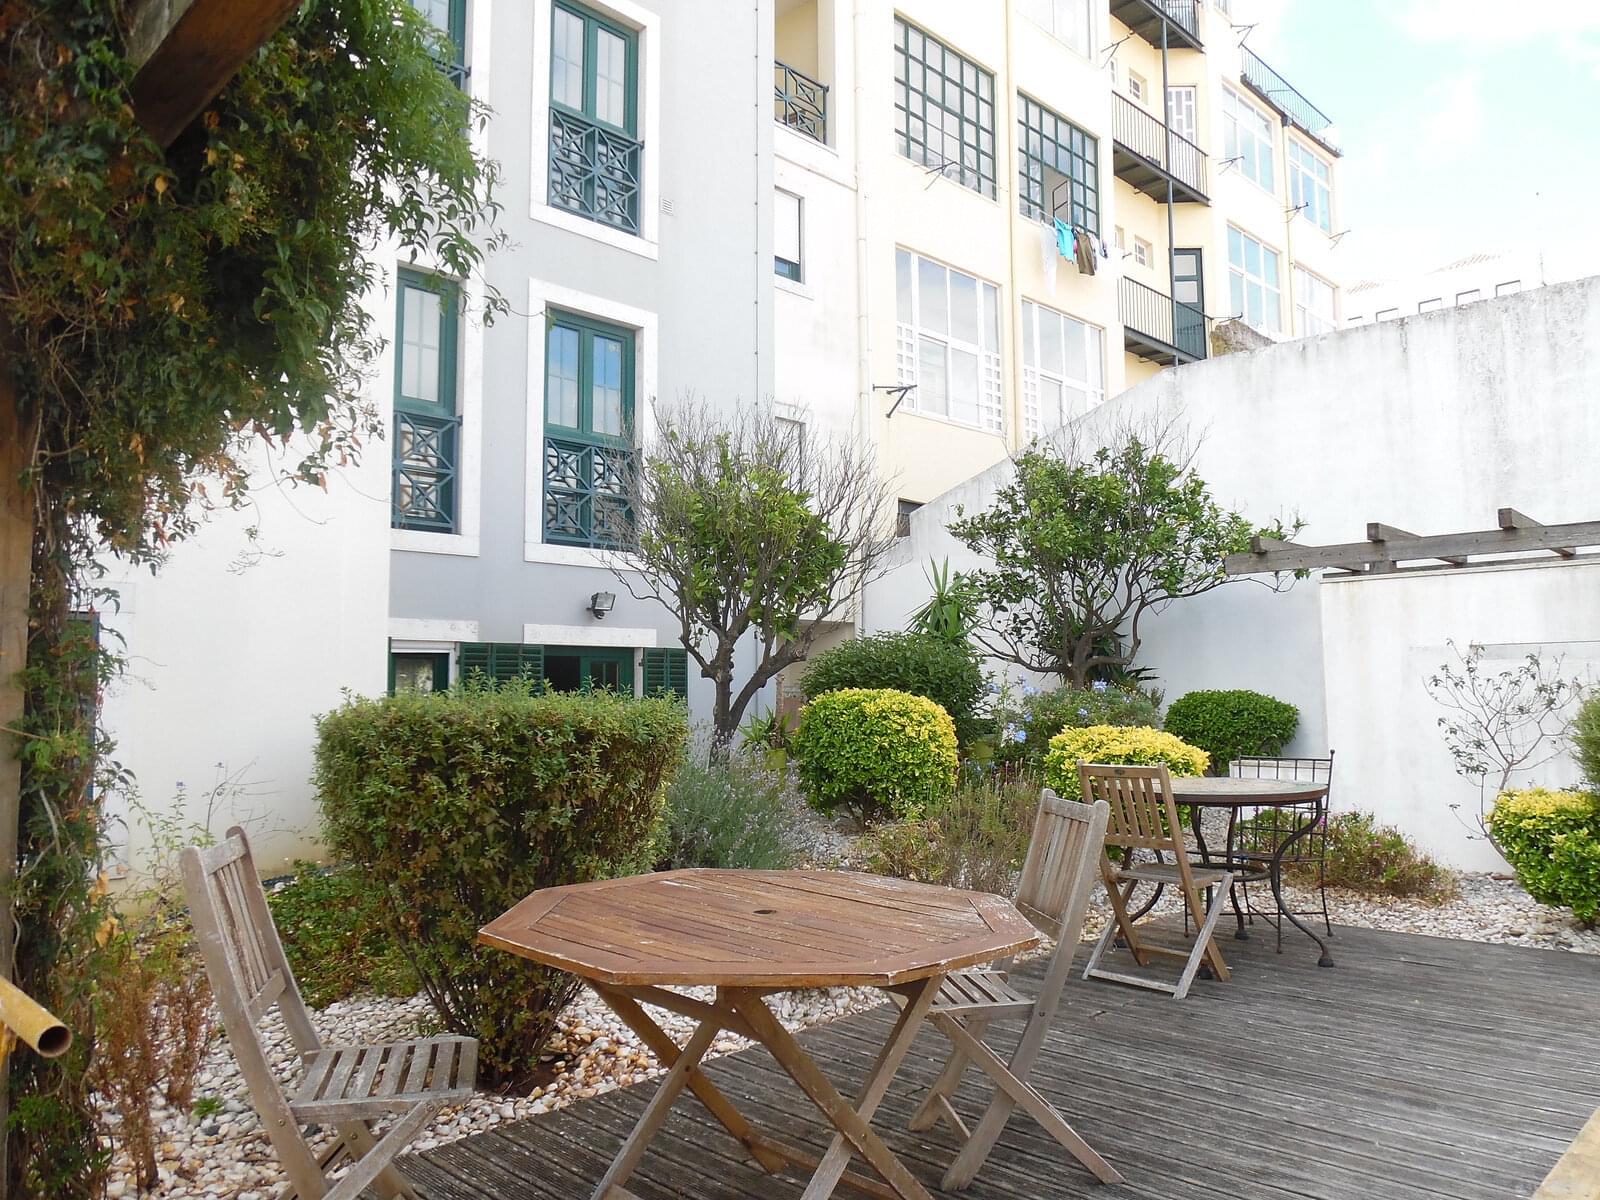 pf17908-apartamento-t1-lisboa-165c94ad-e705-4923-8a8f-233d275f0fd7